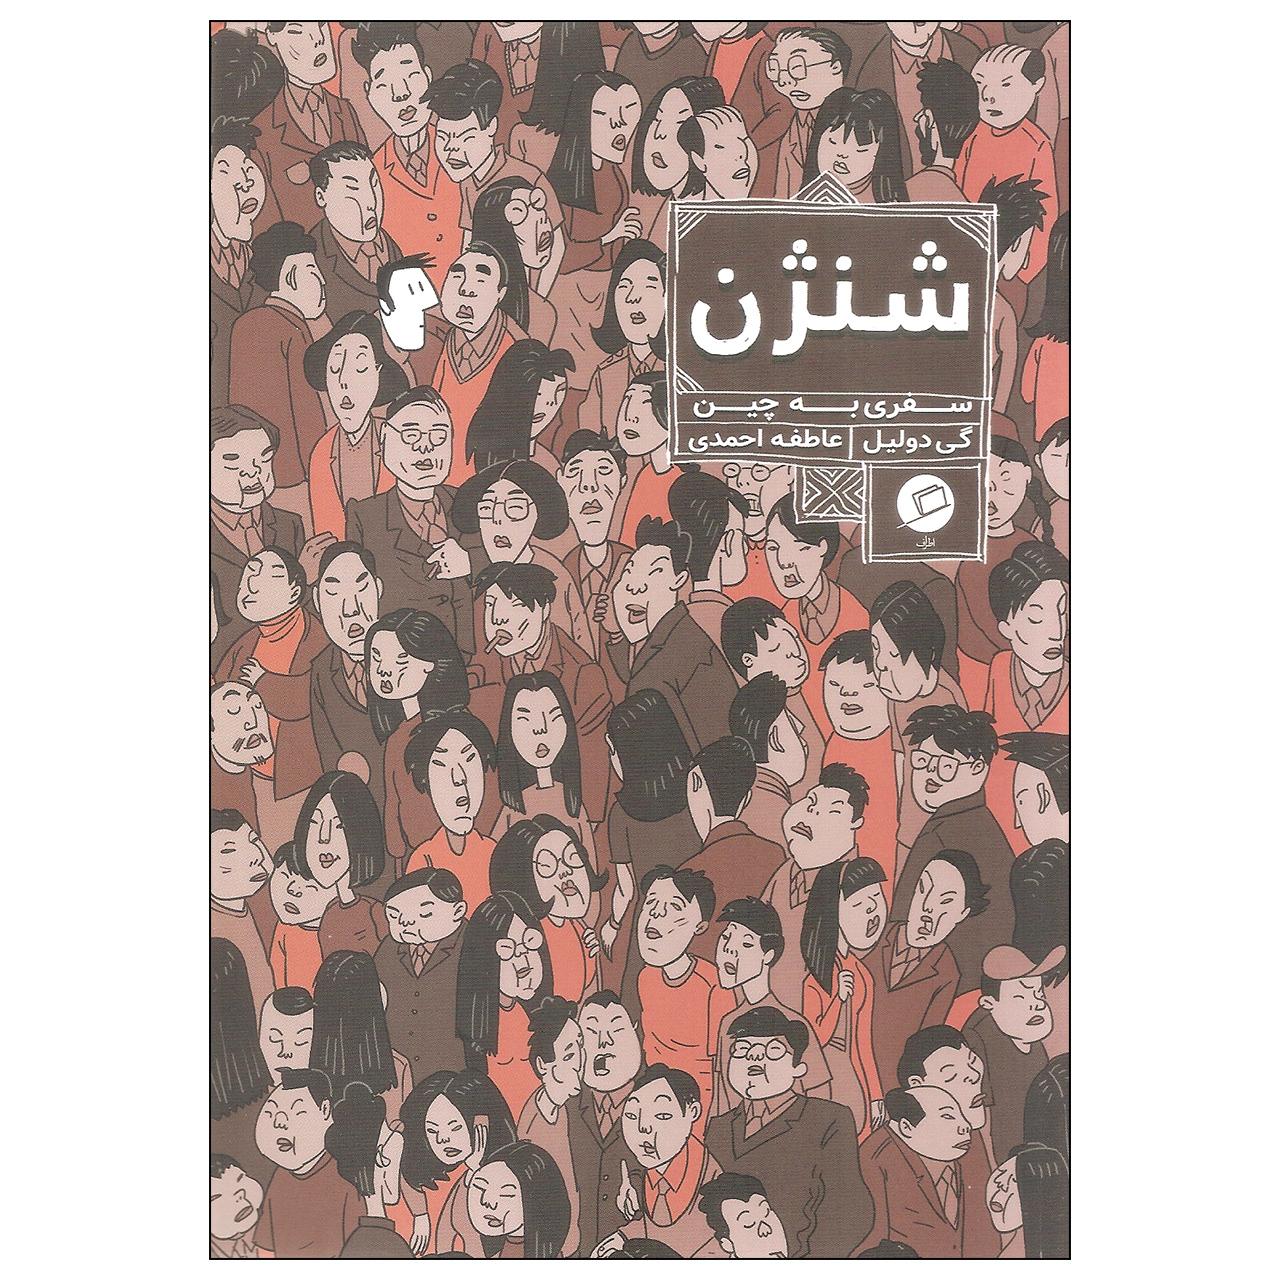 خرید                      کتاب شنژن اثر گی دولیل نشر اطراف